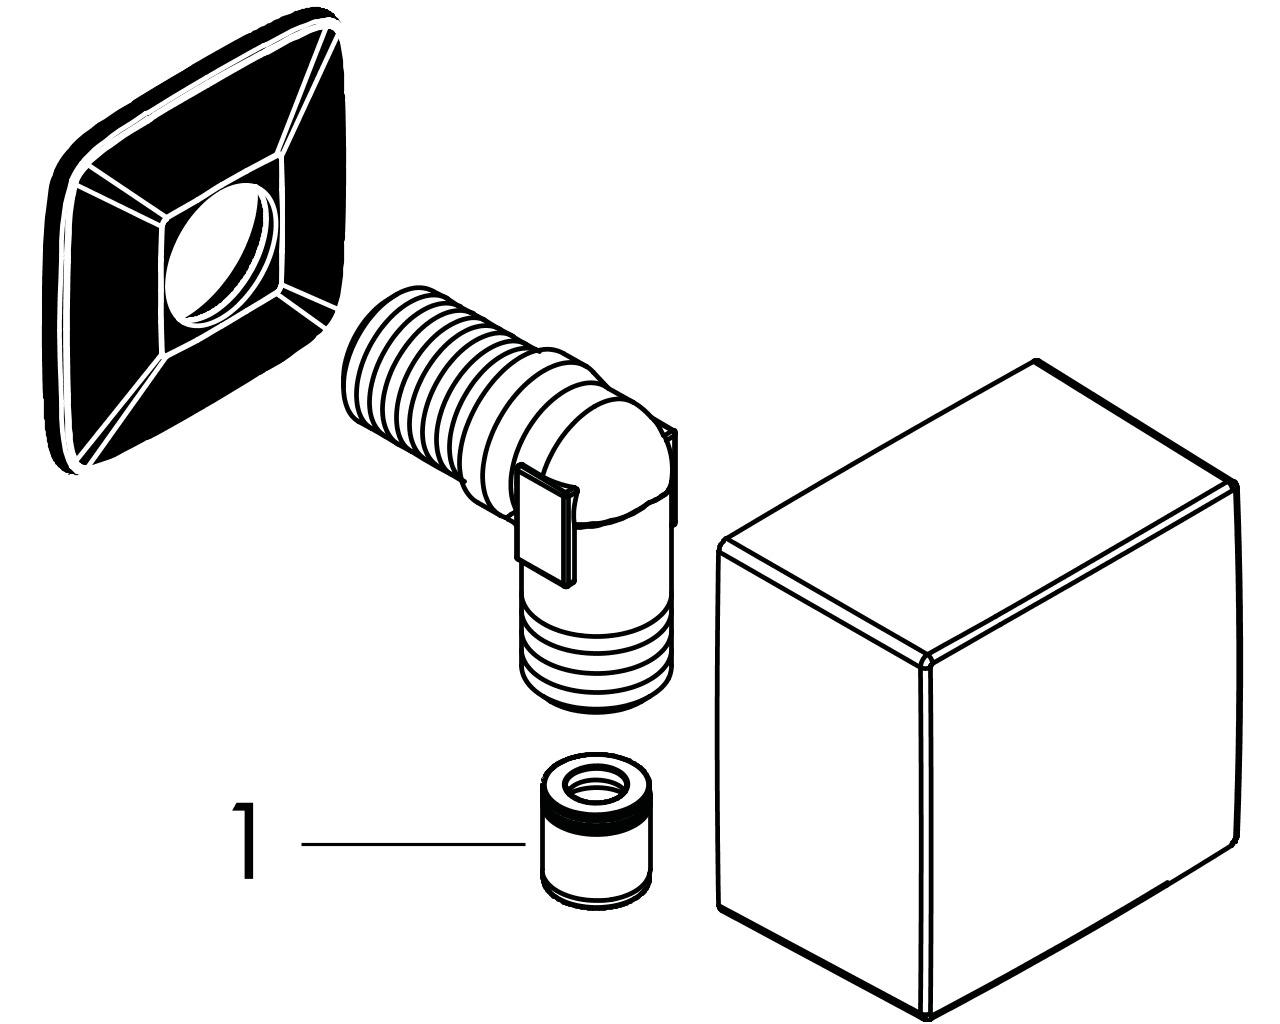 HG Schlauchanschluss DN15 Fixfit Square mit Rückflussverhinderer BBC